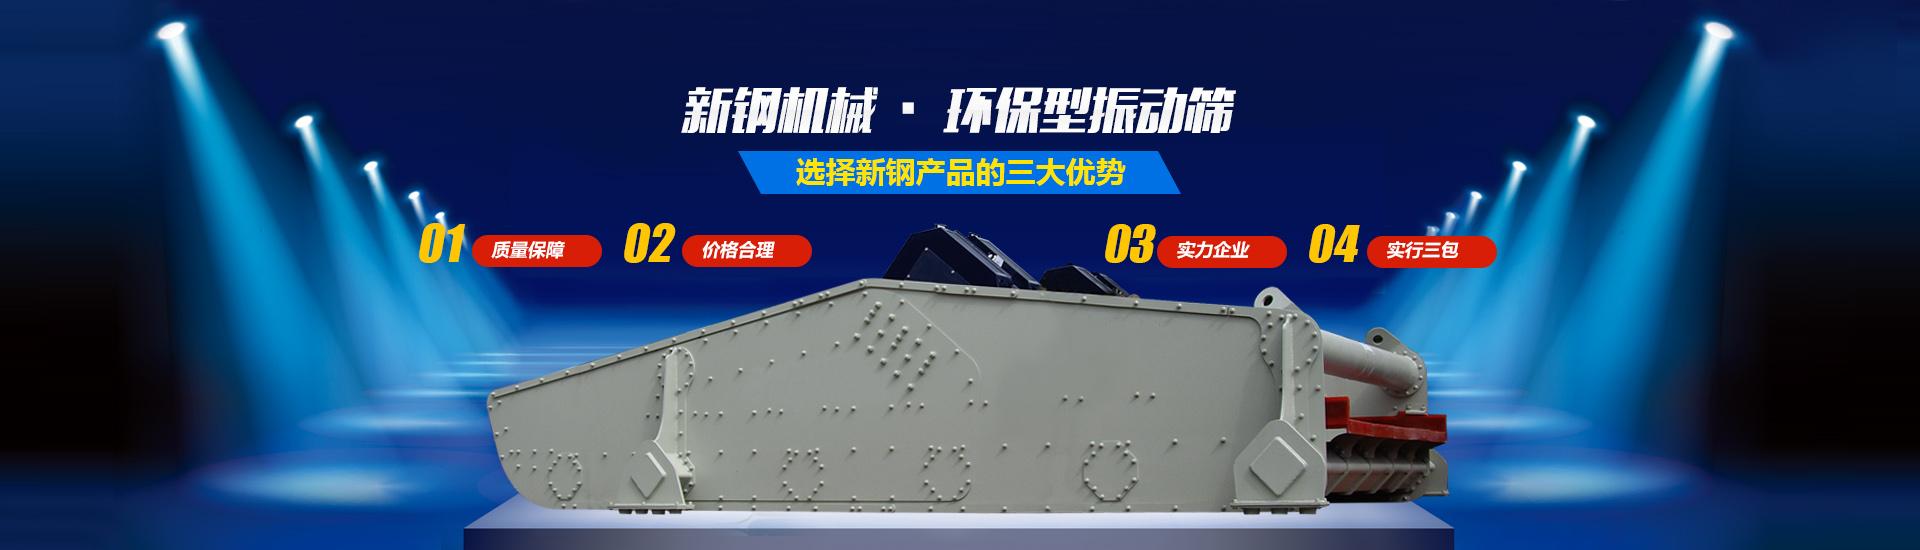 河南省万博体育app万博体育app机械设备有限公司